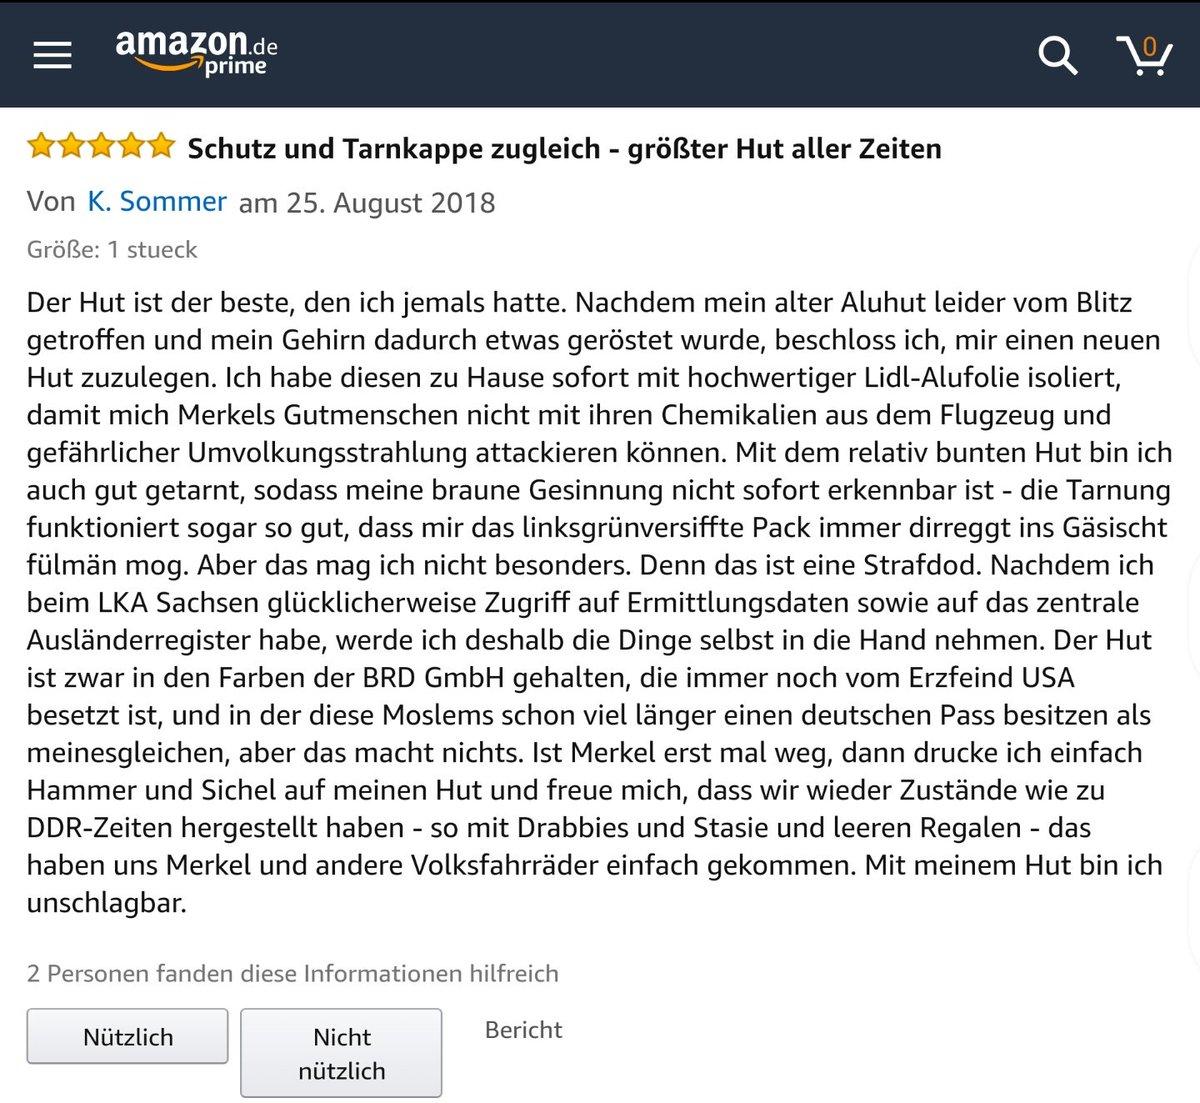 Der Deutschland-Anglerhut müsste auf Amazon jetzt ja ein Topseller werden (Schwerpunkt neue Bundesländer) #Pegizei